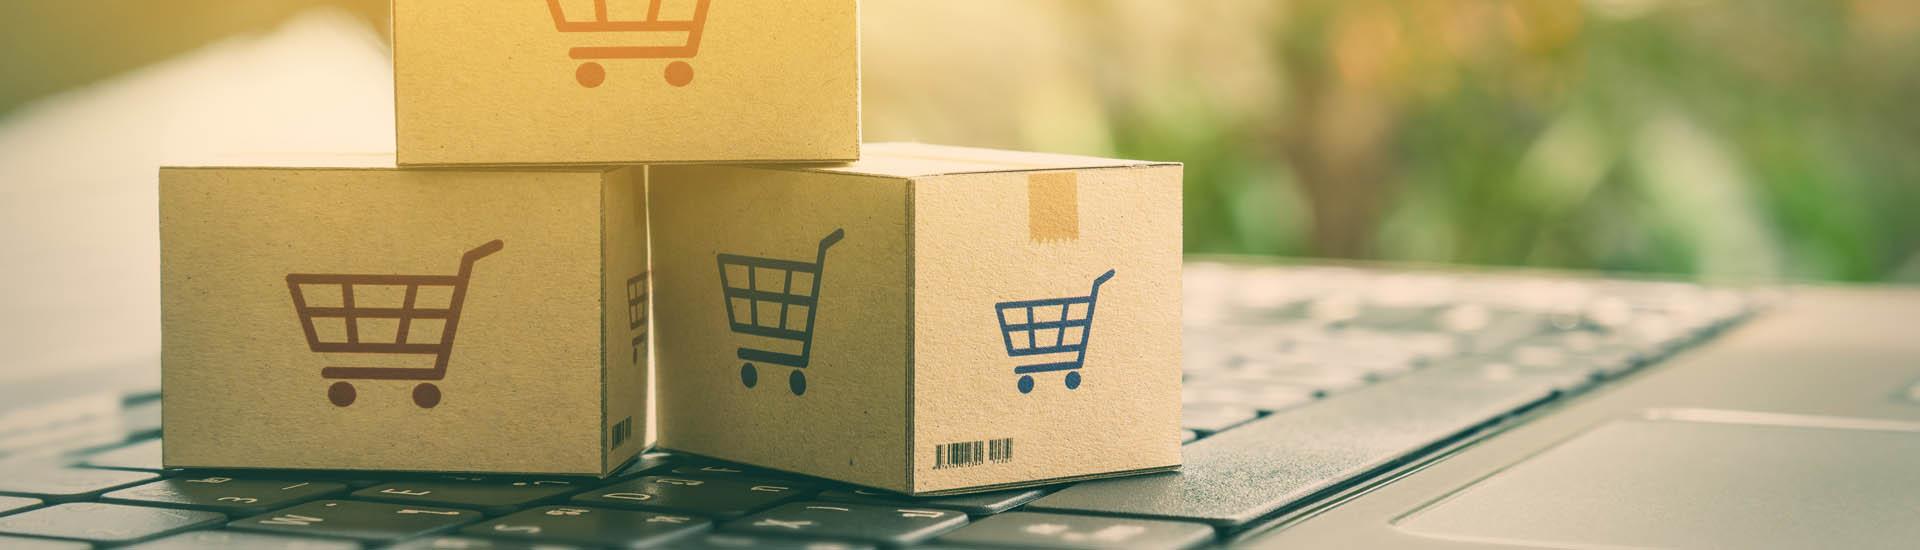 Teclado y cajas de compras